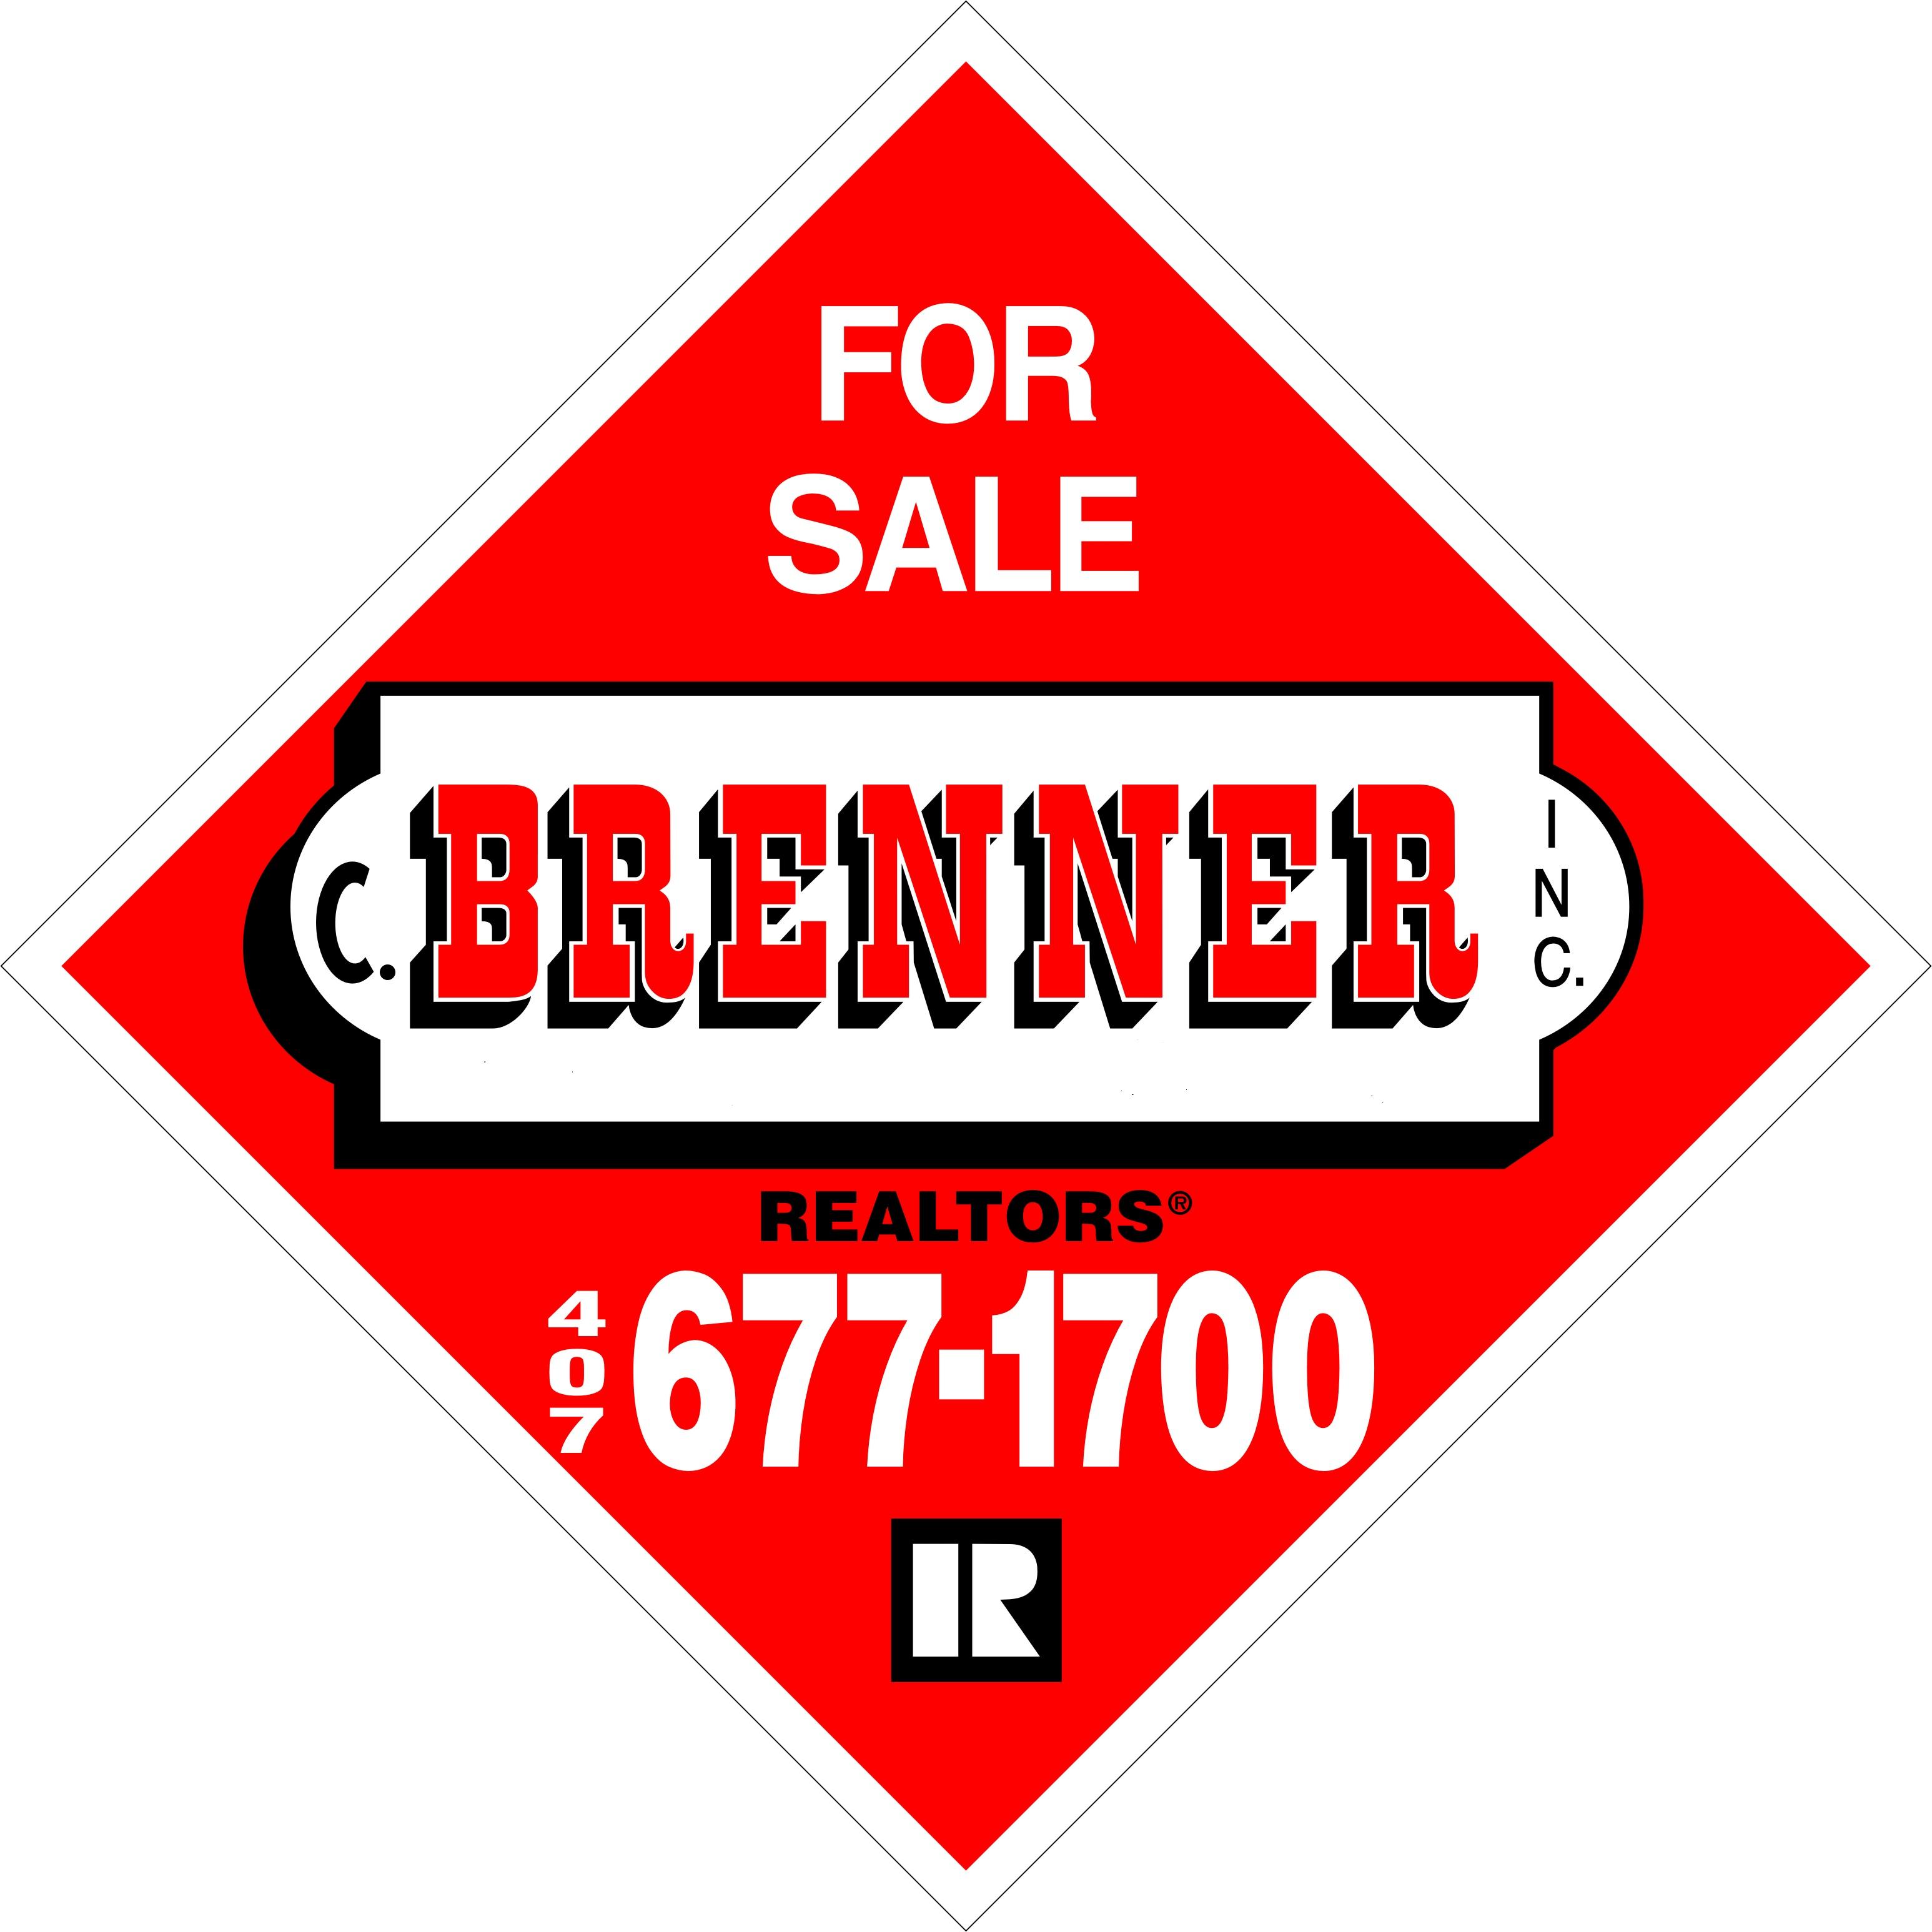 C. Brenner Inc.